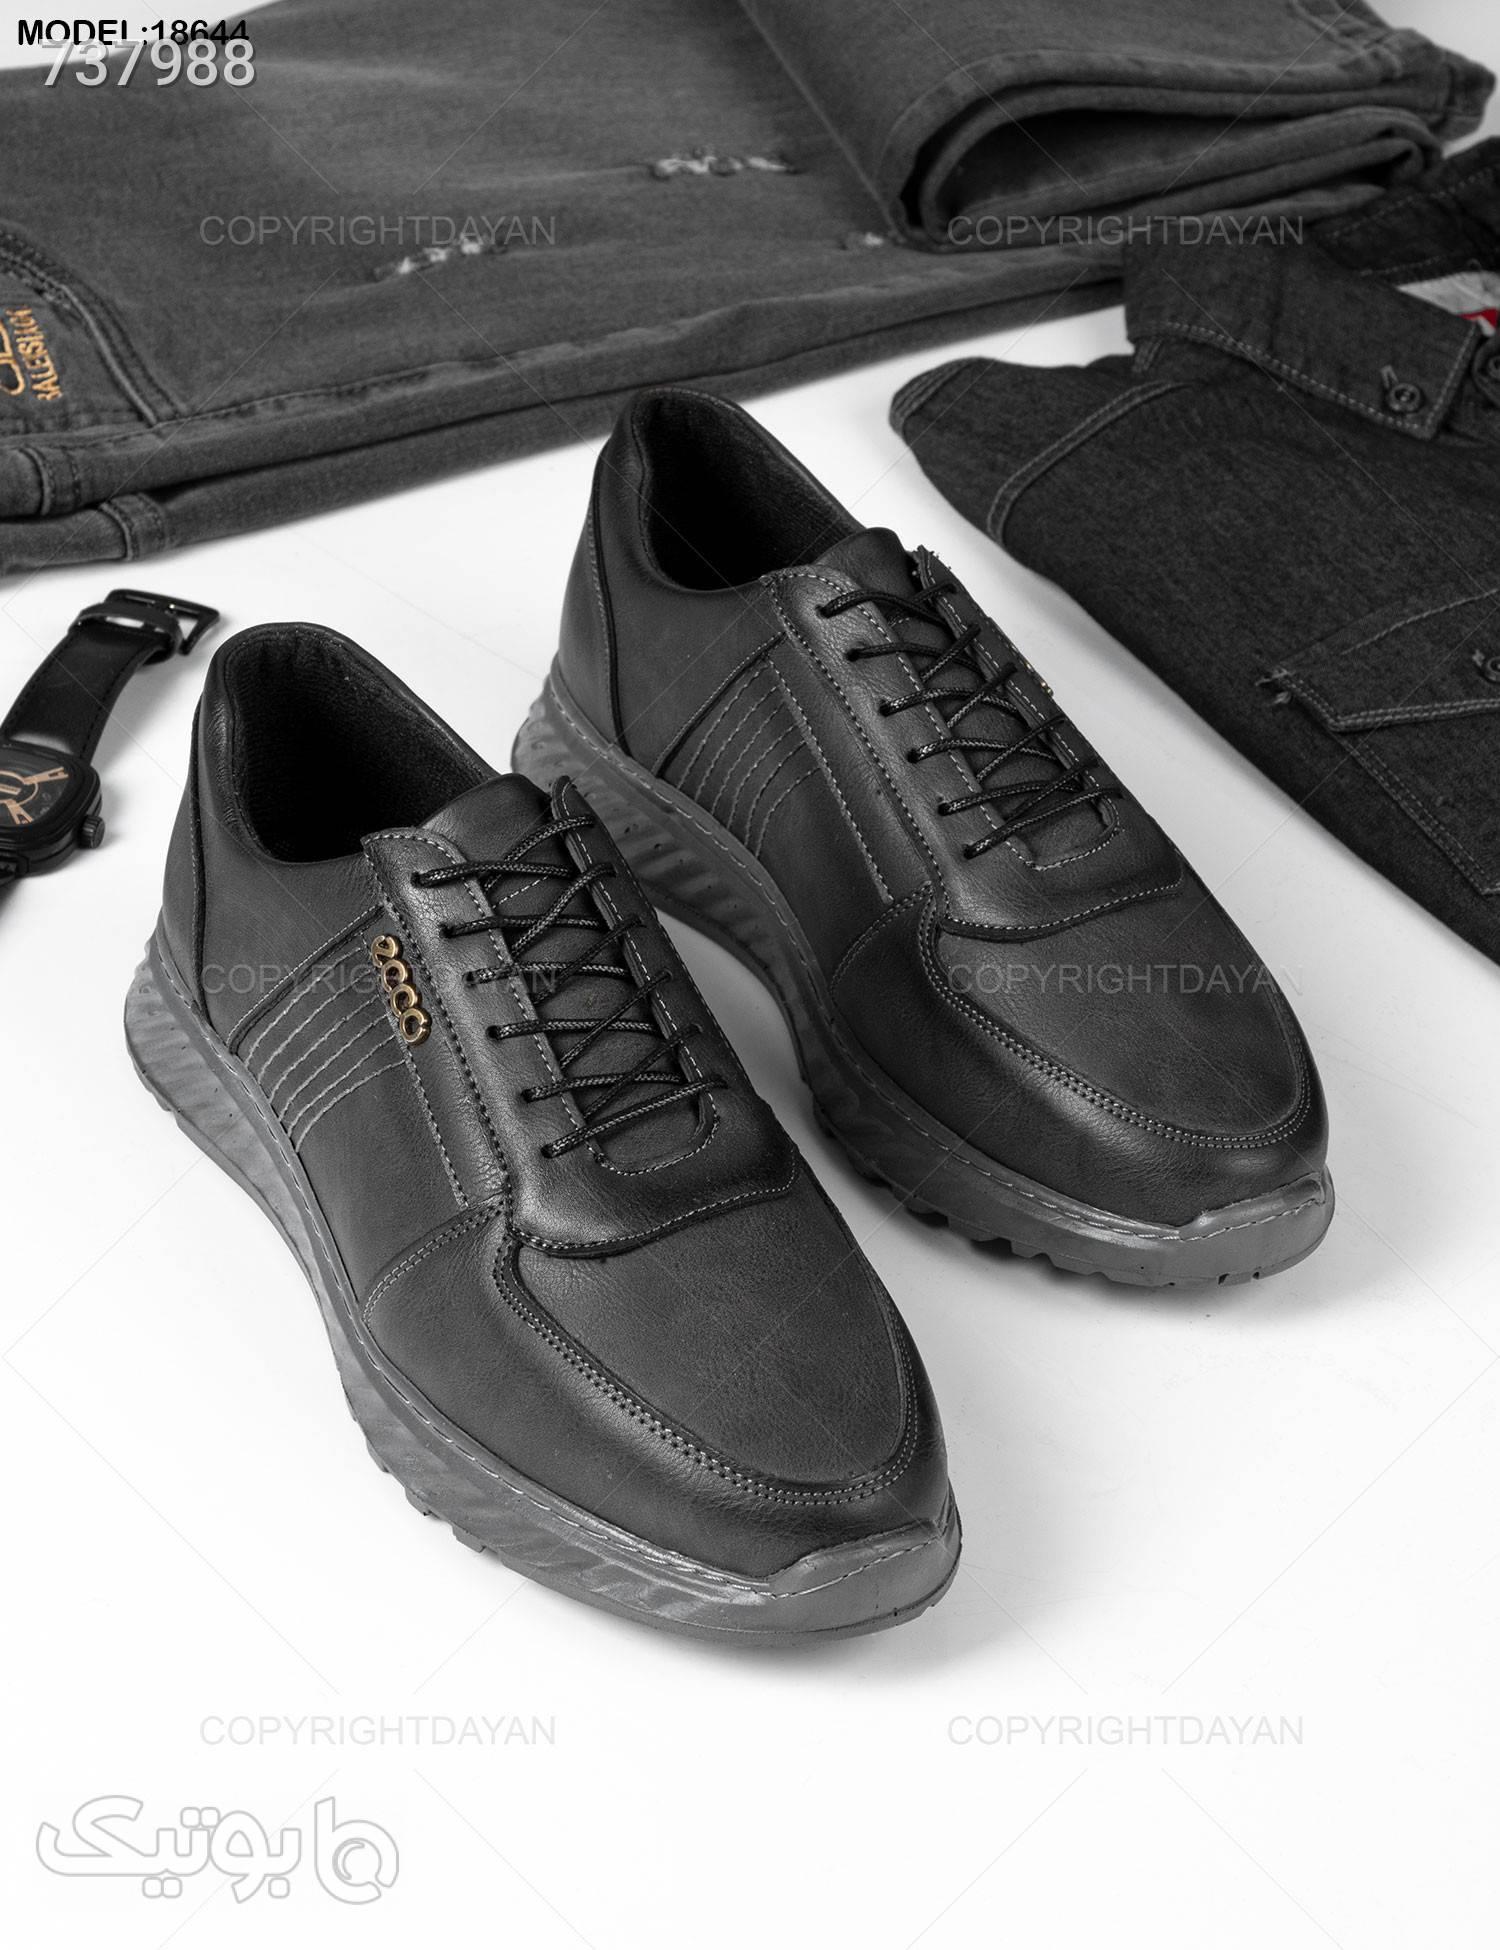 کفش مردانه Ecco مدل 18644 مشکی كفش مردانه